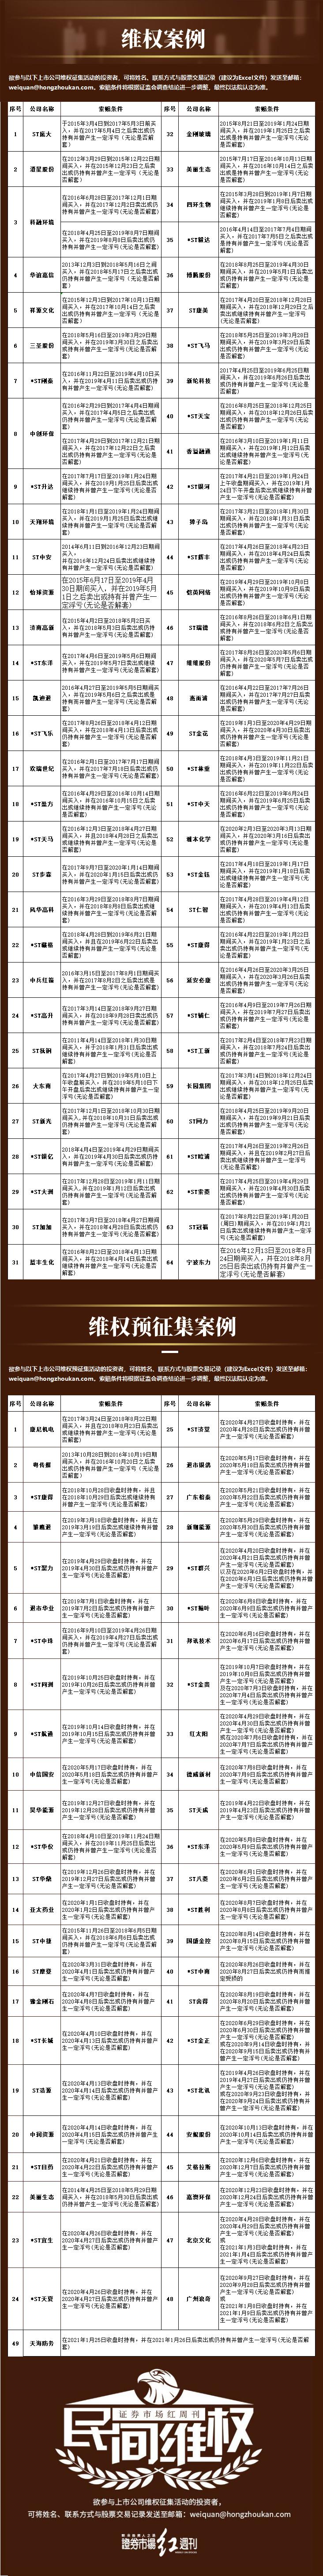 民间维权 | 股价下跌触发股票交易异常波动 ST康美